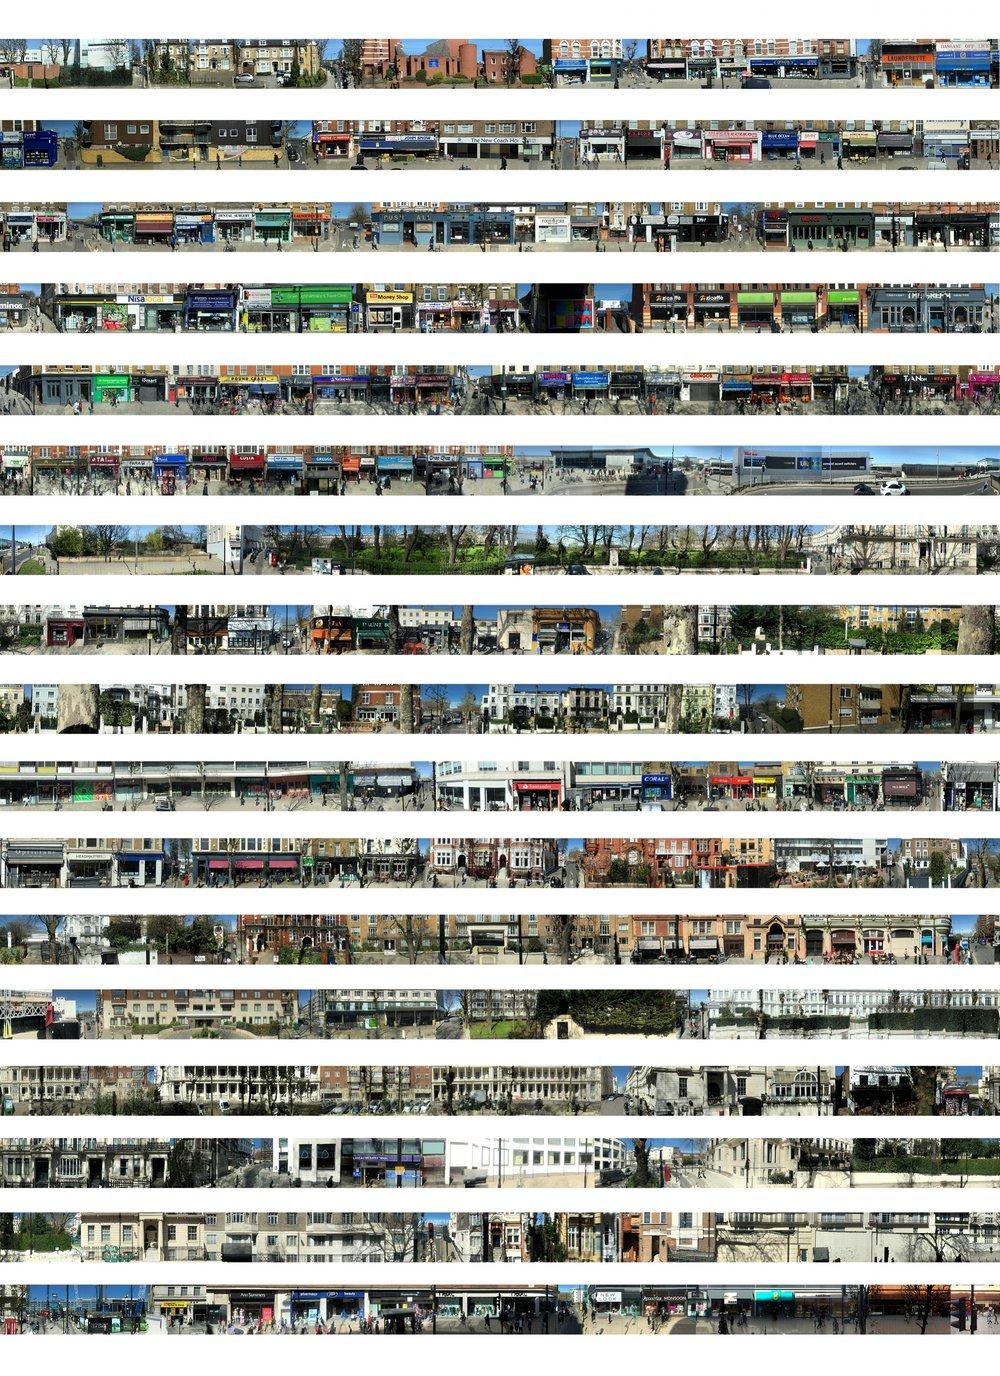 Bus-Panorama2.jpg